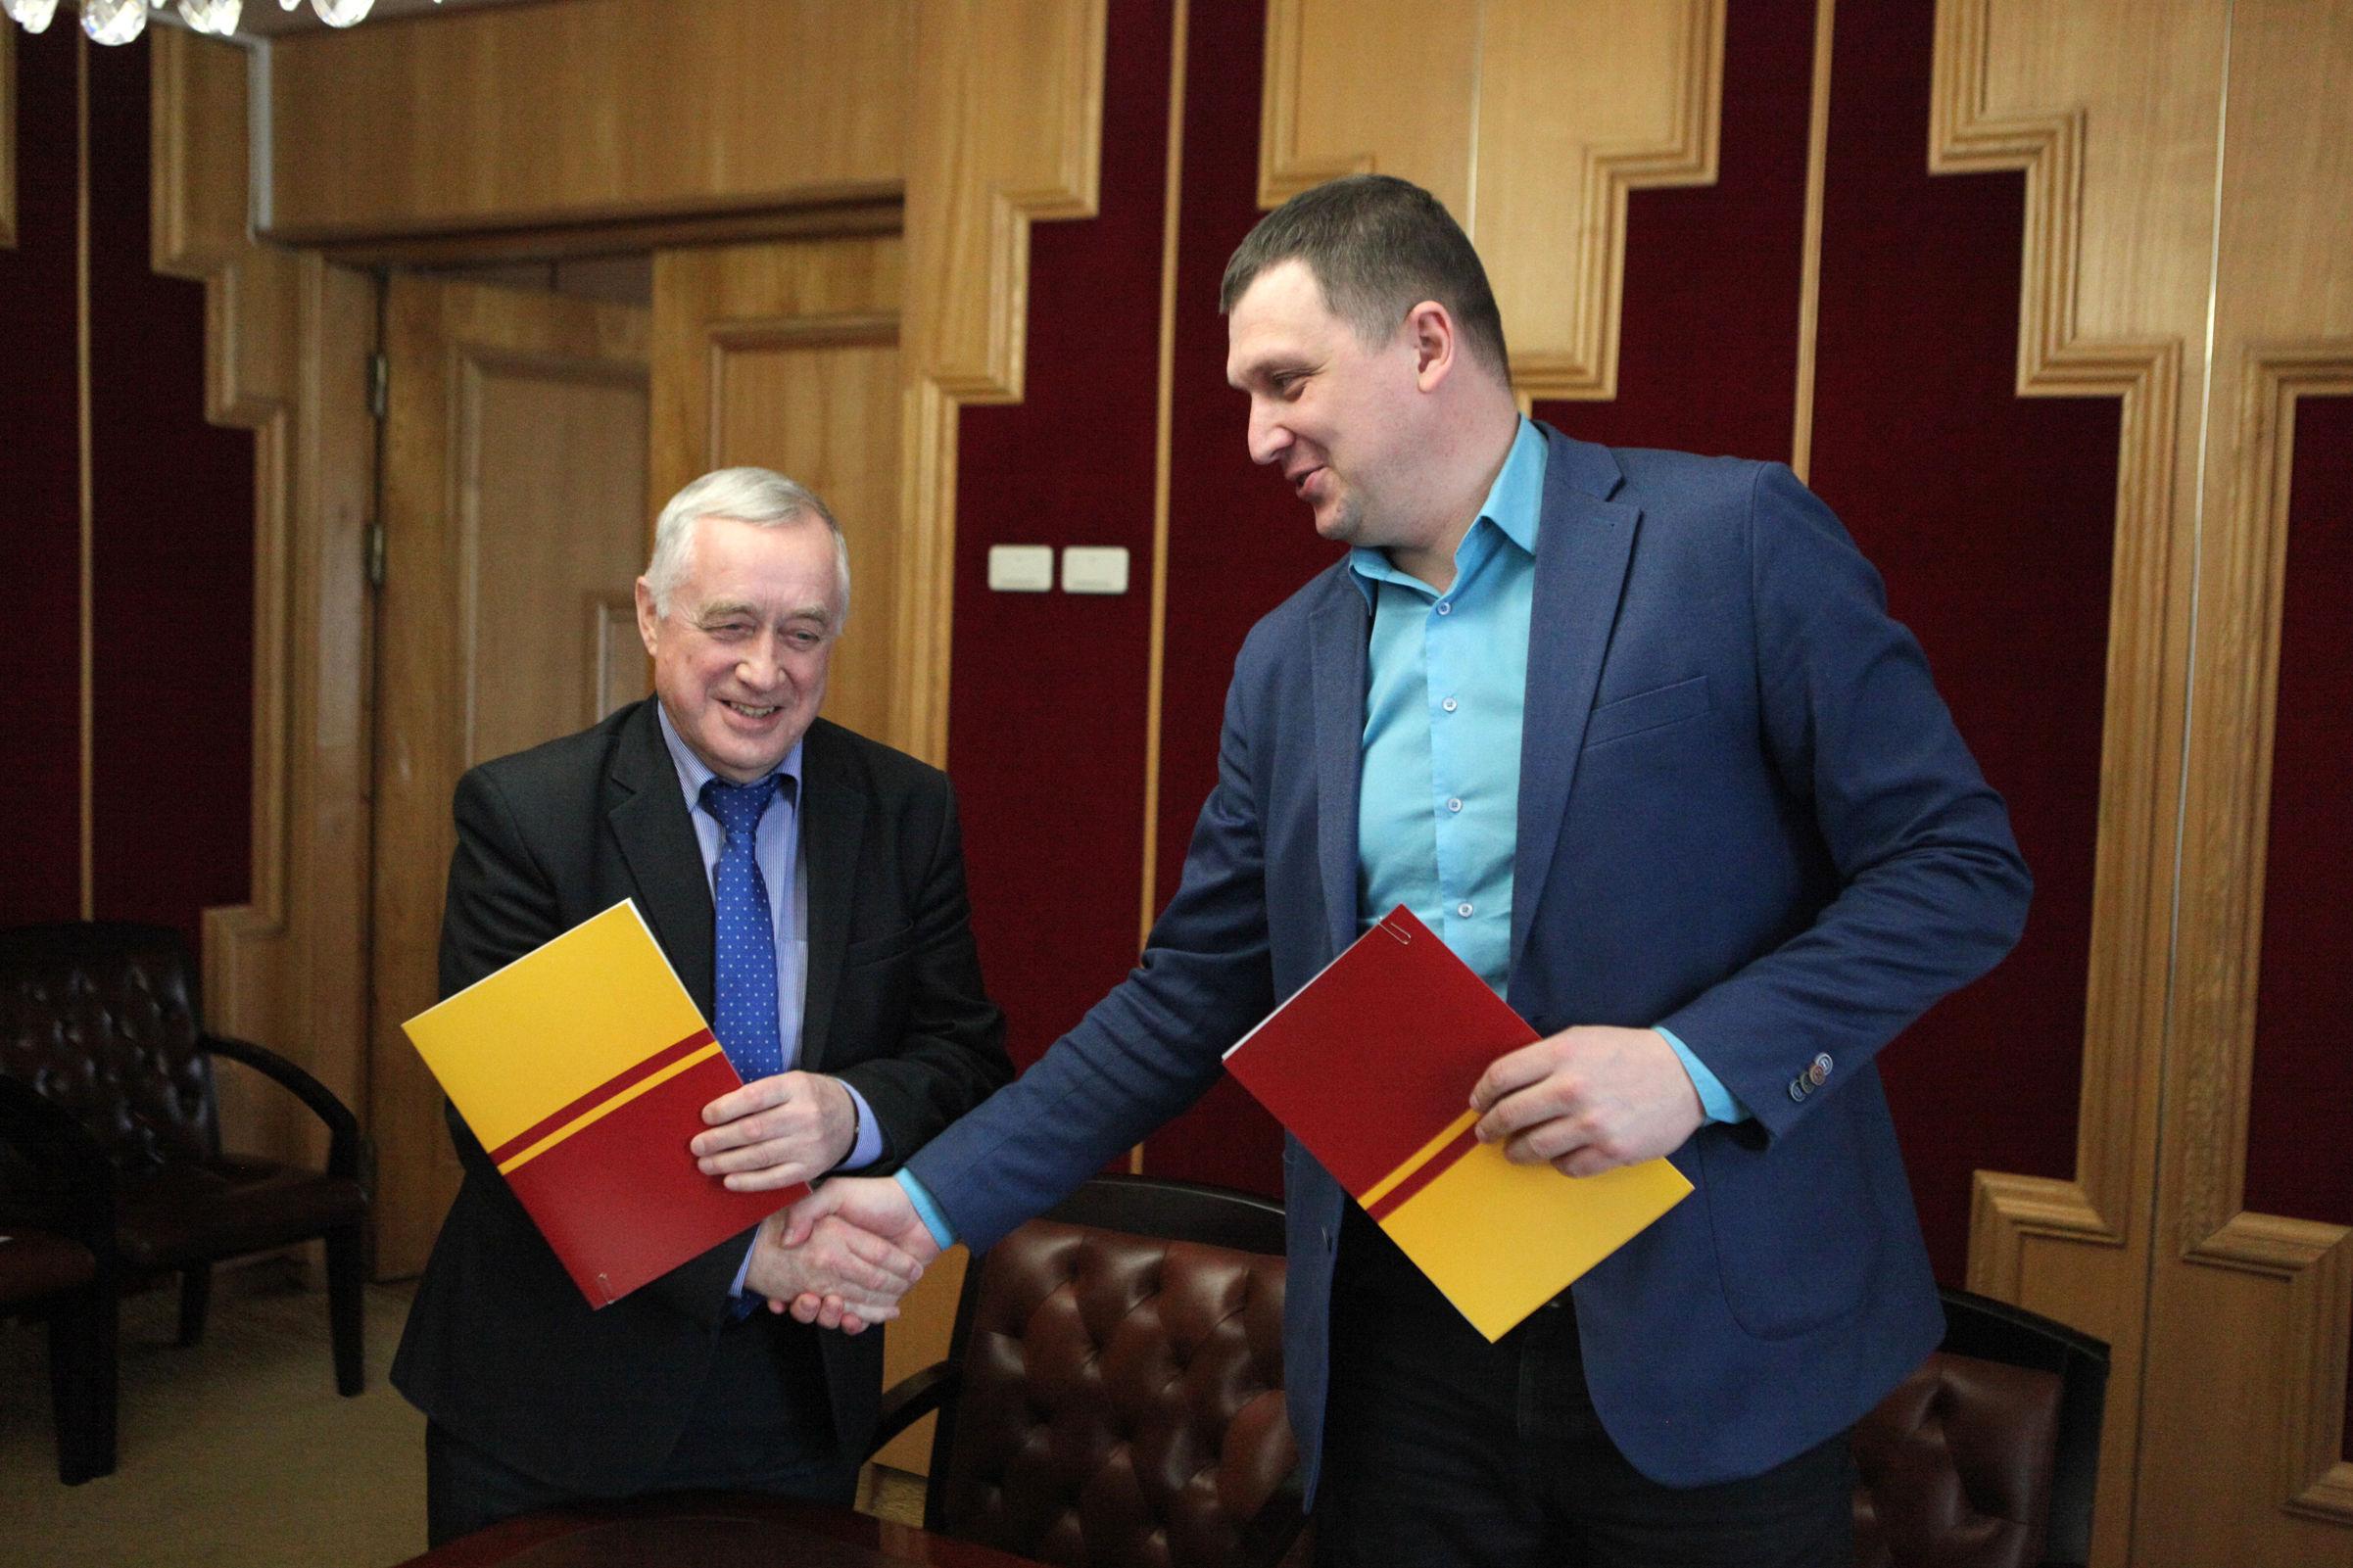 Общественная палата подписала соглашение с НКО об организации общественного наблюдения на выборах